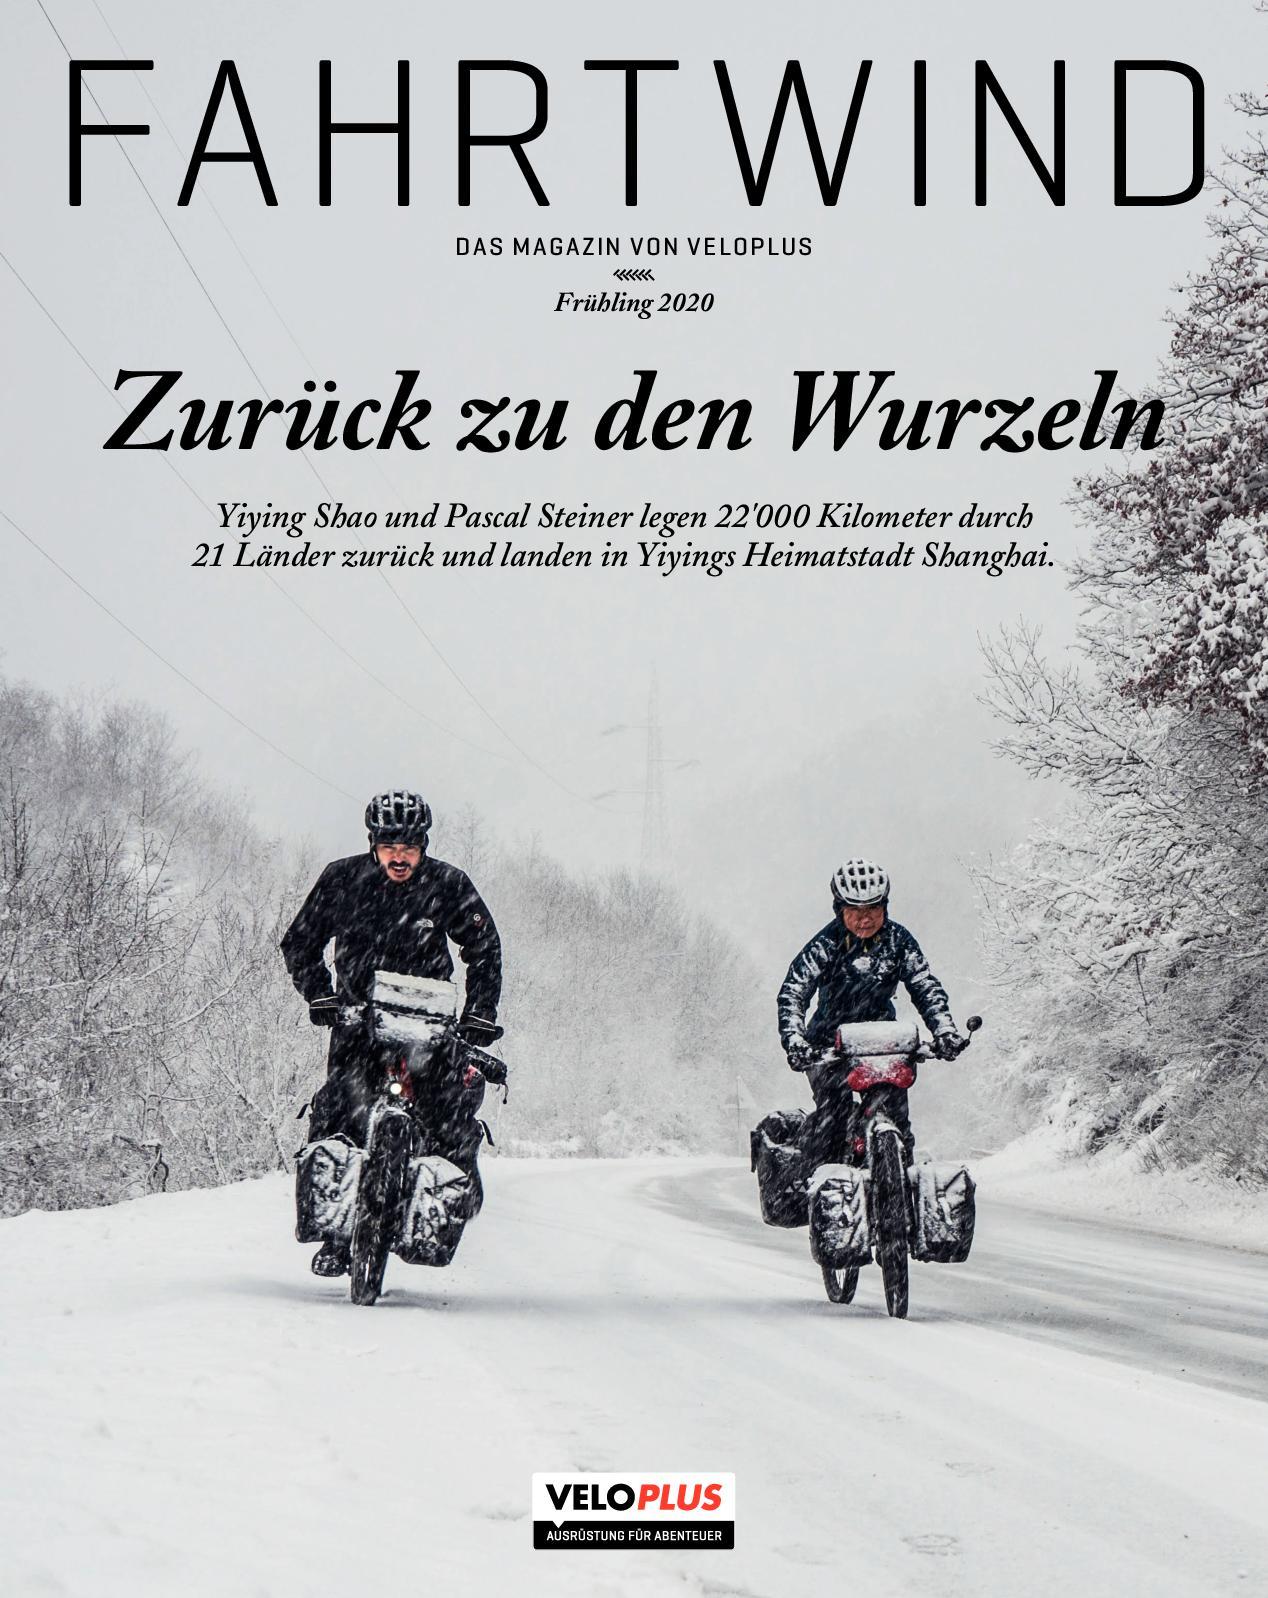 Flitchen schnee Schneewittchen translation